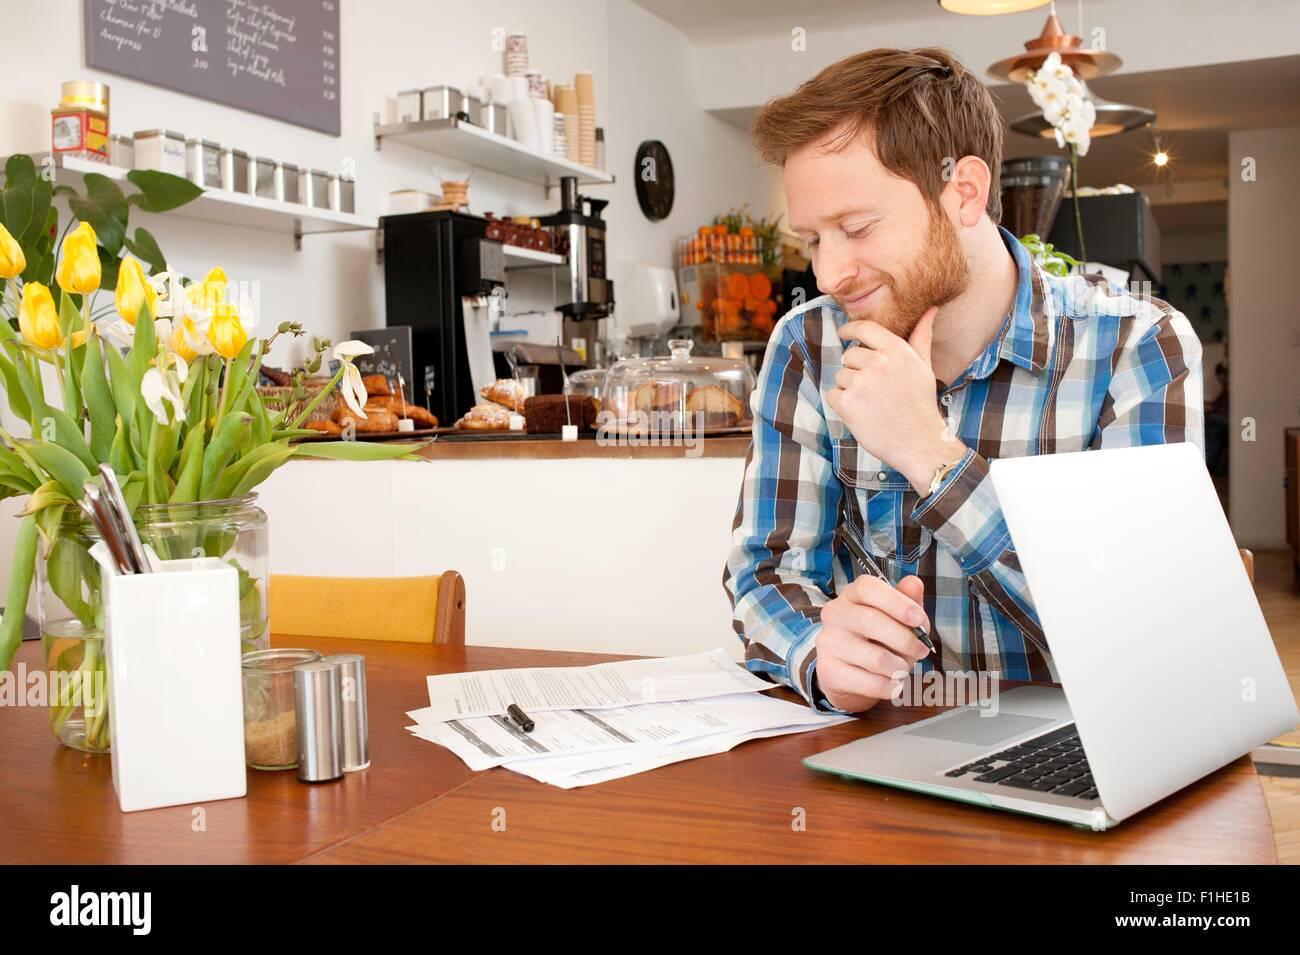 La clientèle masculine en remplissant le formulaire de demande en cafe Photo Stock